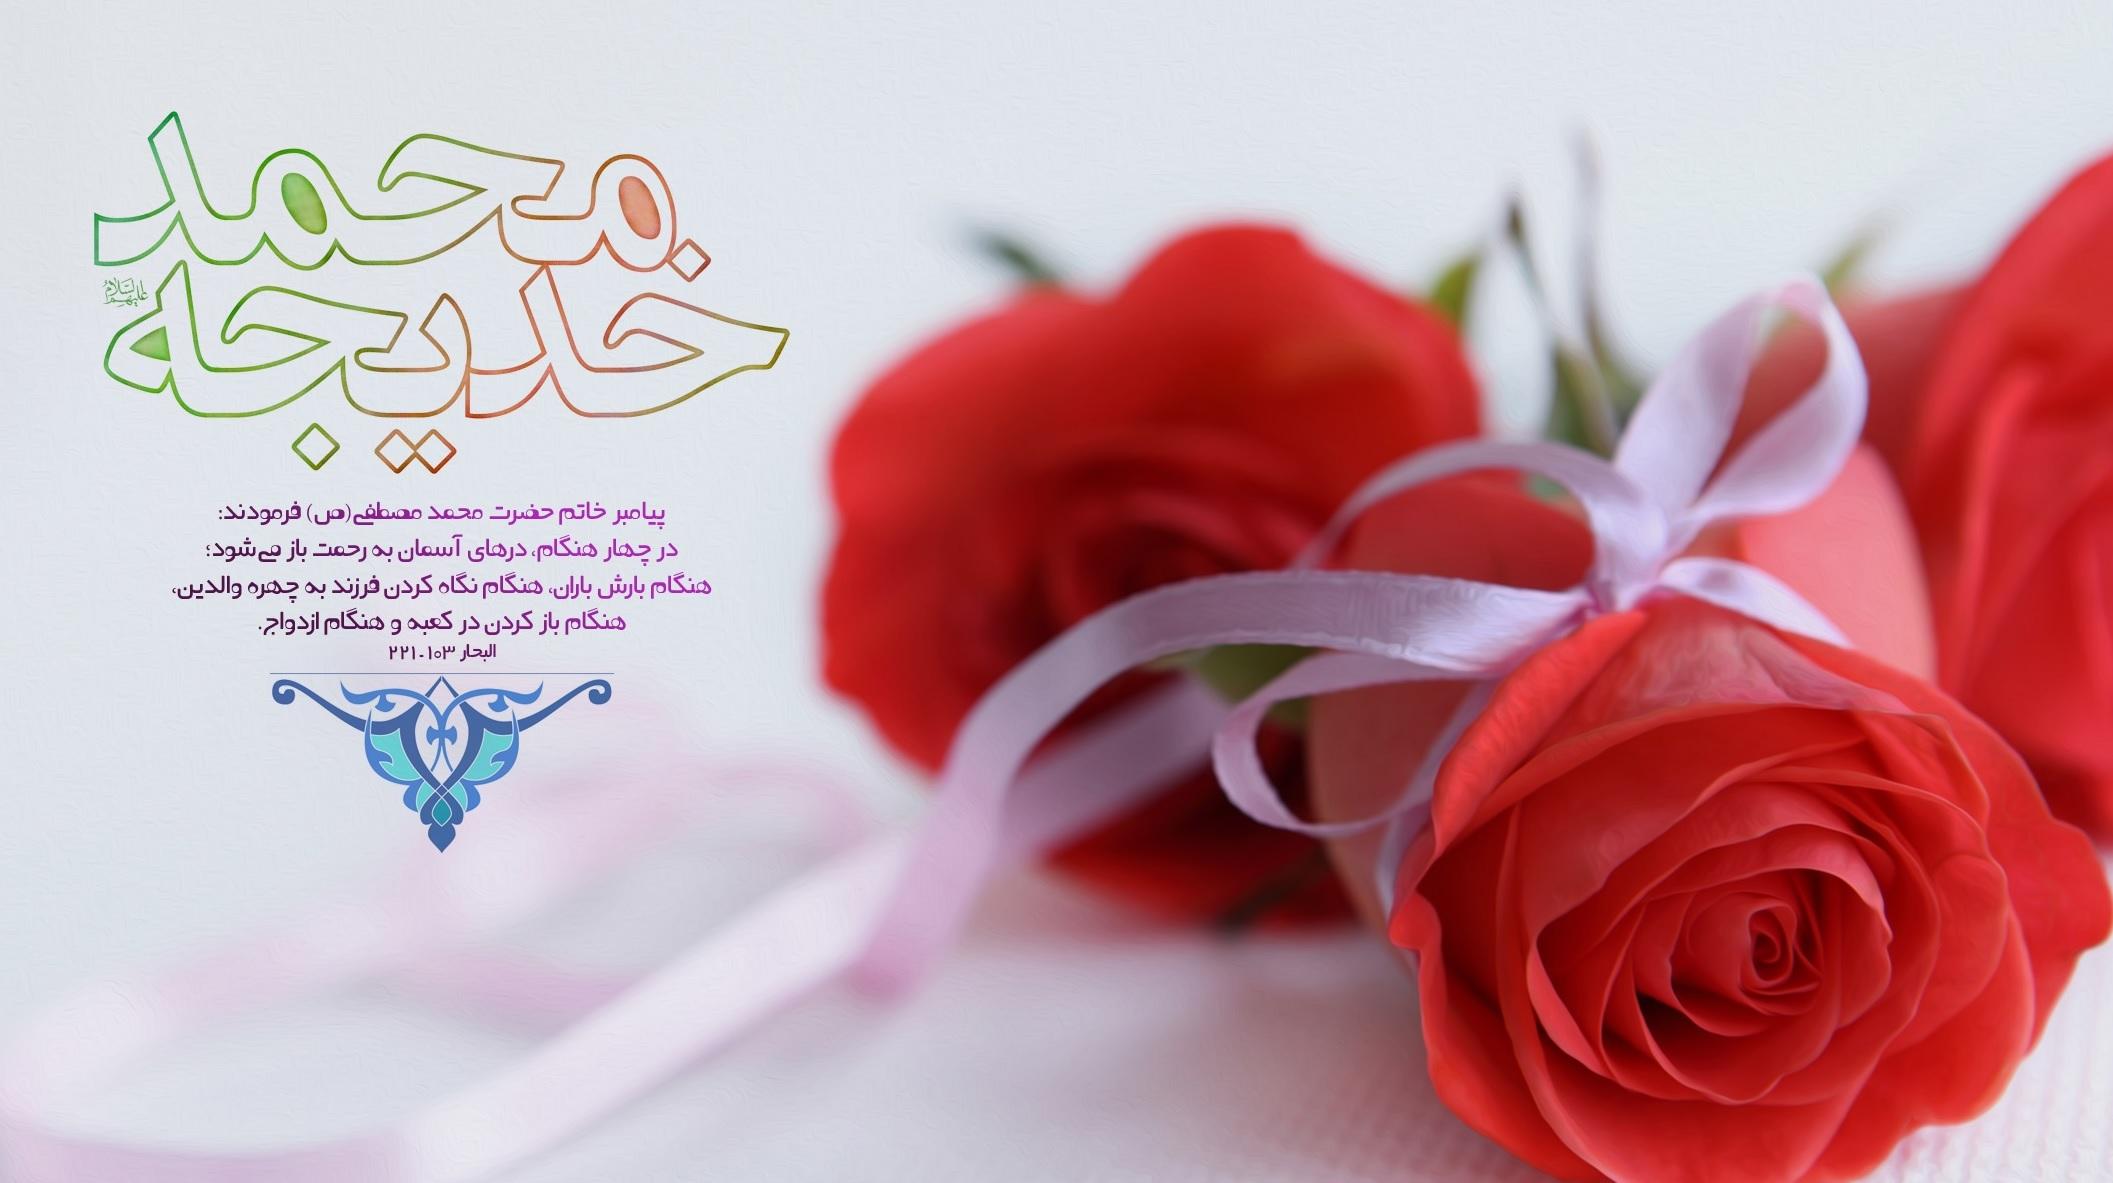 سالروز ازدواج پیامبر اسلام حضرت محمد (ص) و حضرت خدیجه (س)